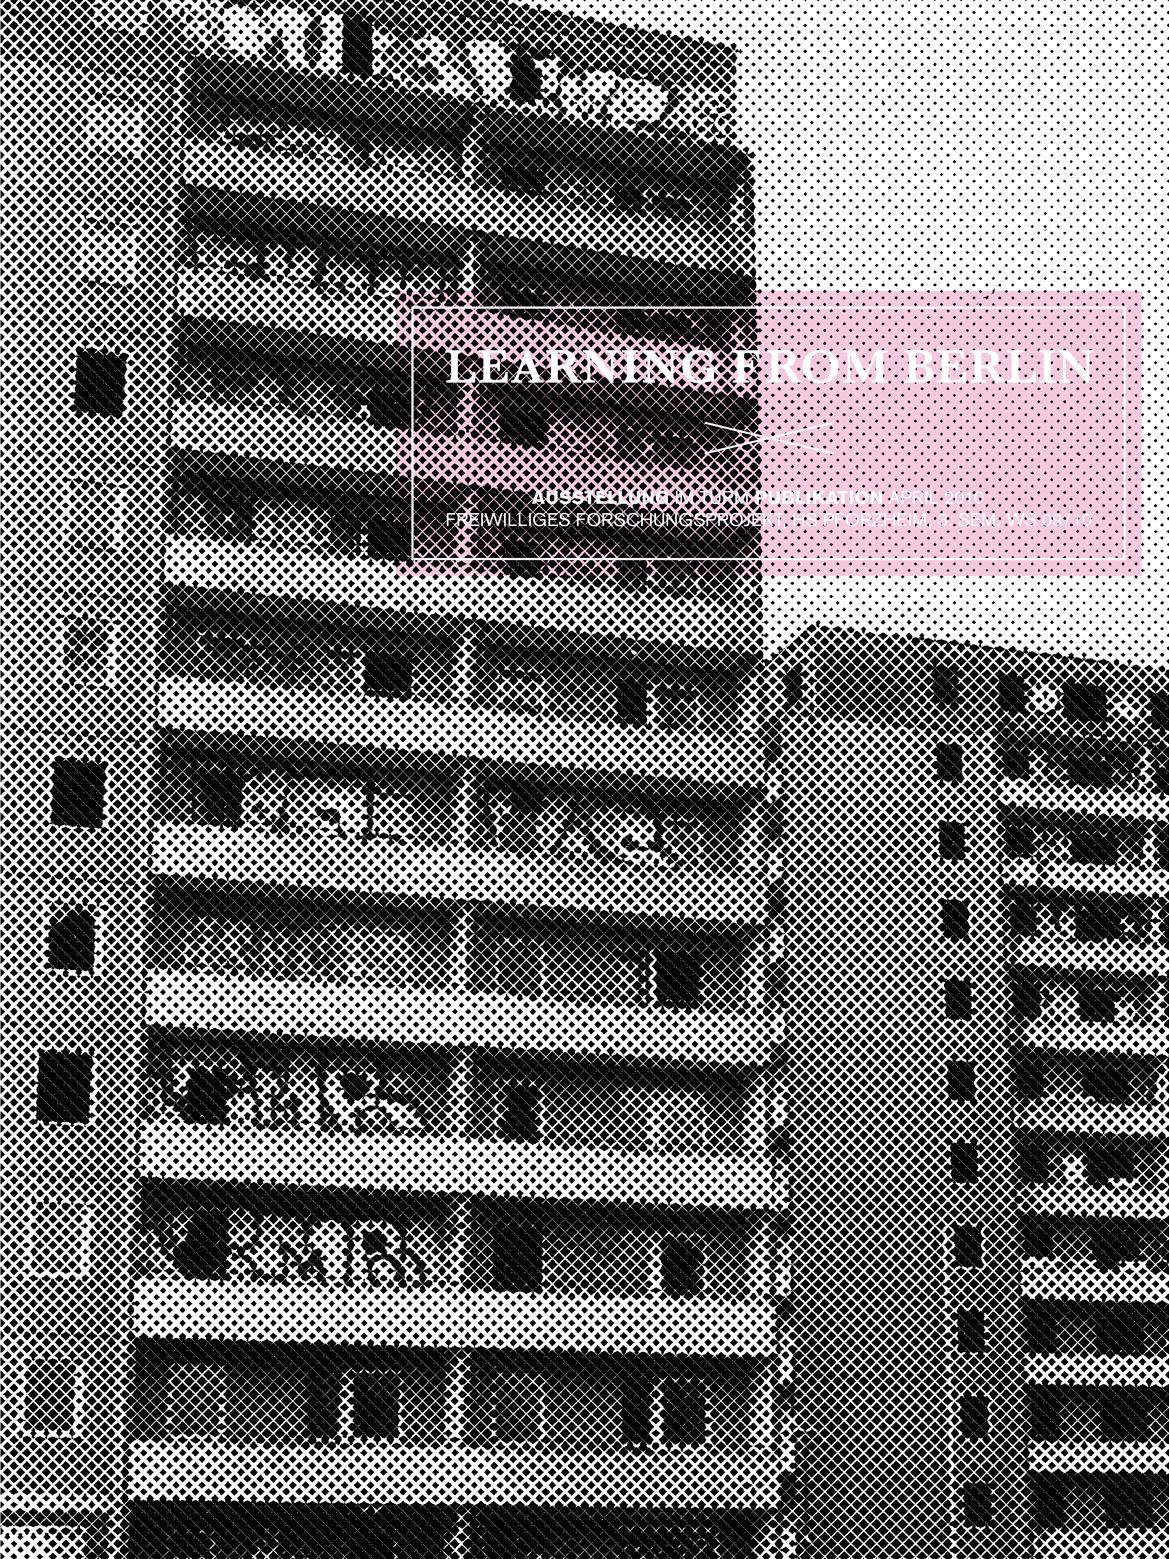 Urban-Manegold-Learning-from-Berlin-Design-Prozess-Magazin-Ausstellung-Plakat-SocialStudies-Gentrifikation-LFB-plakat1